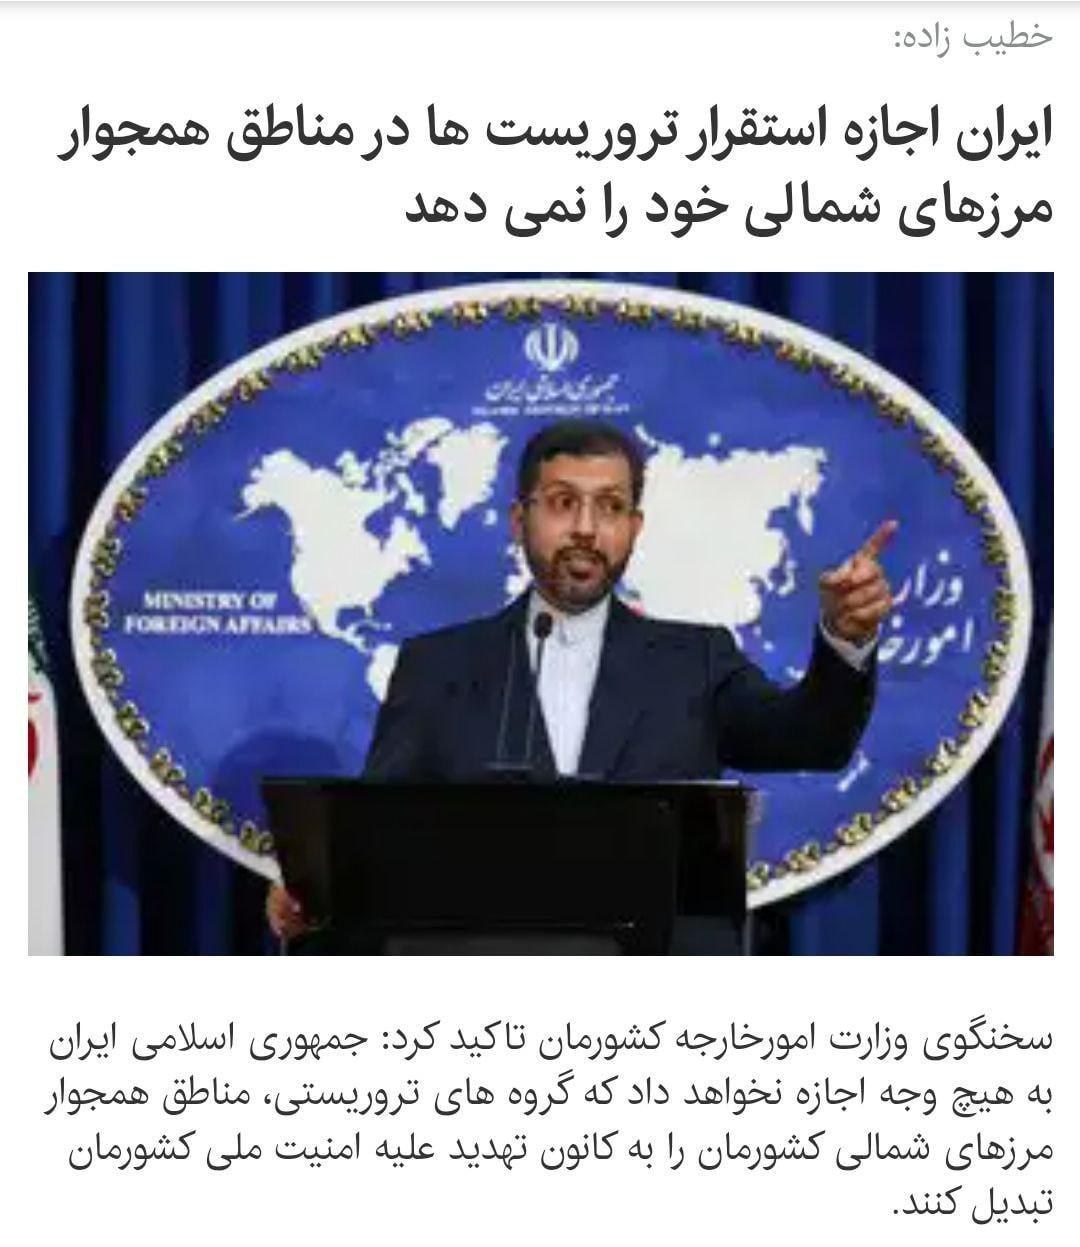 Photo of Իրանի ԱԳՆ խոսնակը հայտարարել է, որ Իրանը ոչ մի դեպքում թույլ չի տալ ահաբեկչական խմբավորումների տեղակայումն իր հյուսիսային սահմանների երկայնքով